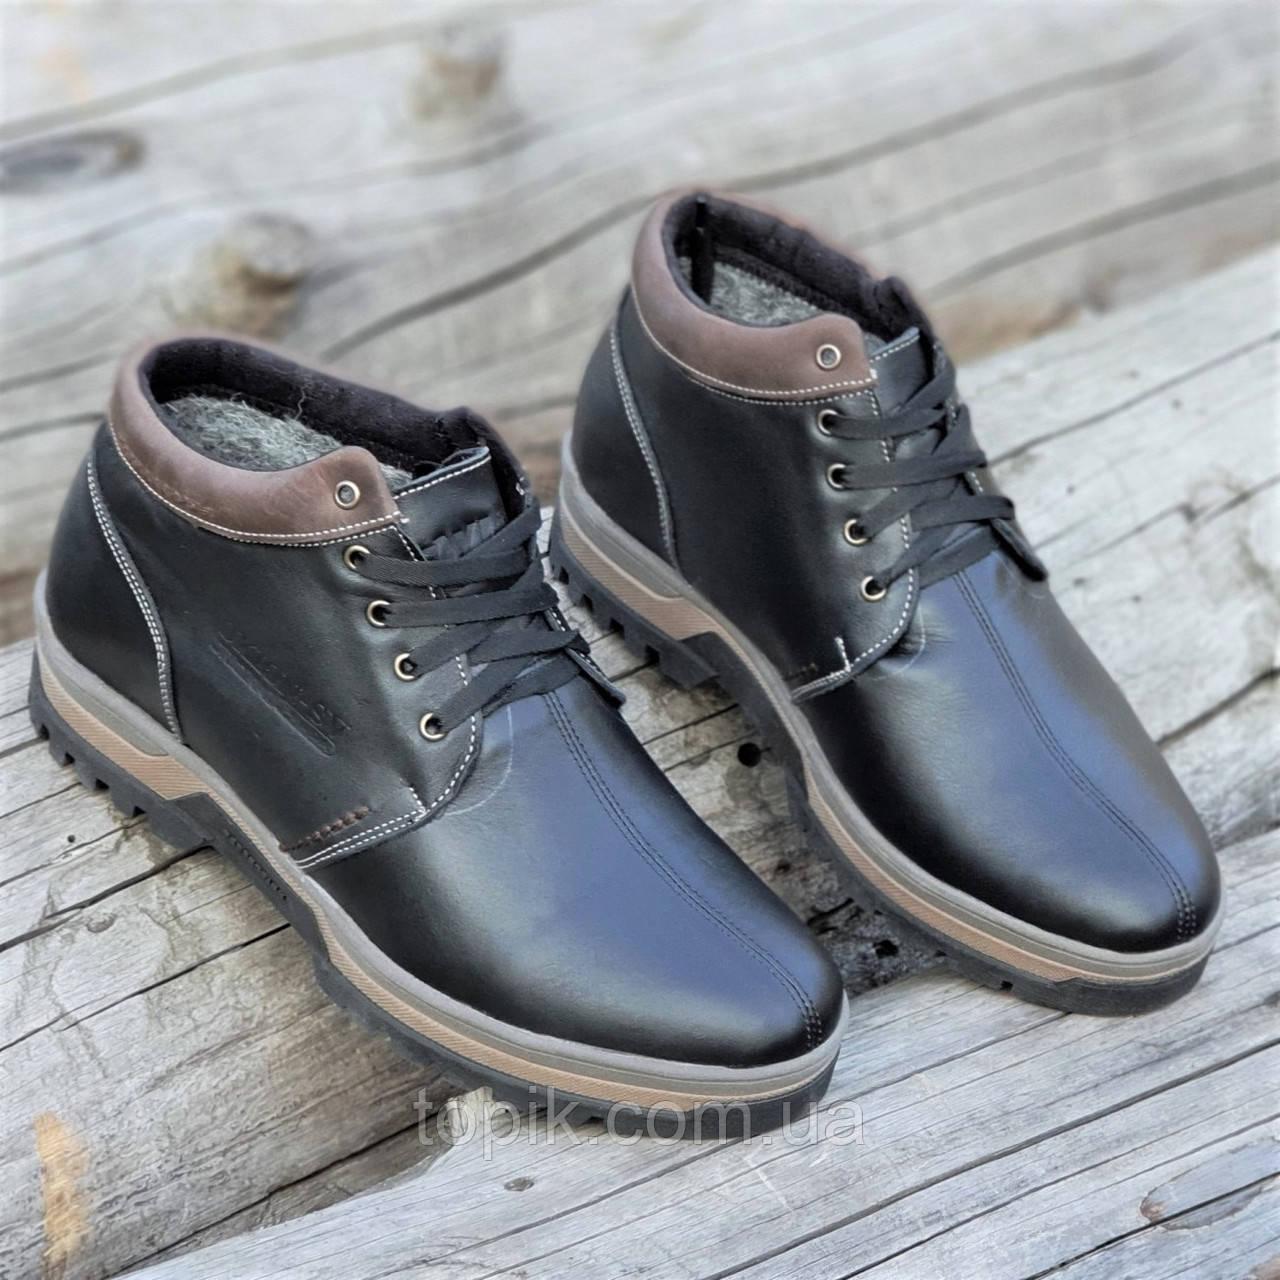 Зимние мужские полуботинки ботинки черные кожаные прошиты натуральный мех стильные на зиму (Код: 1297a)